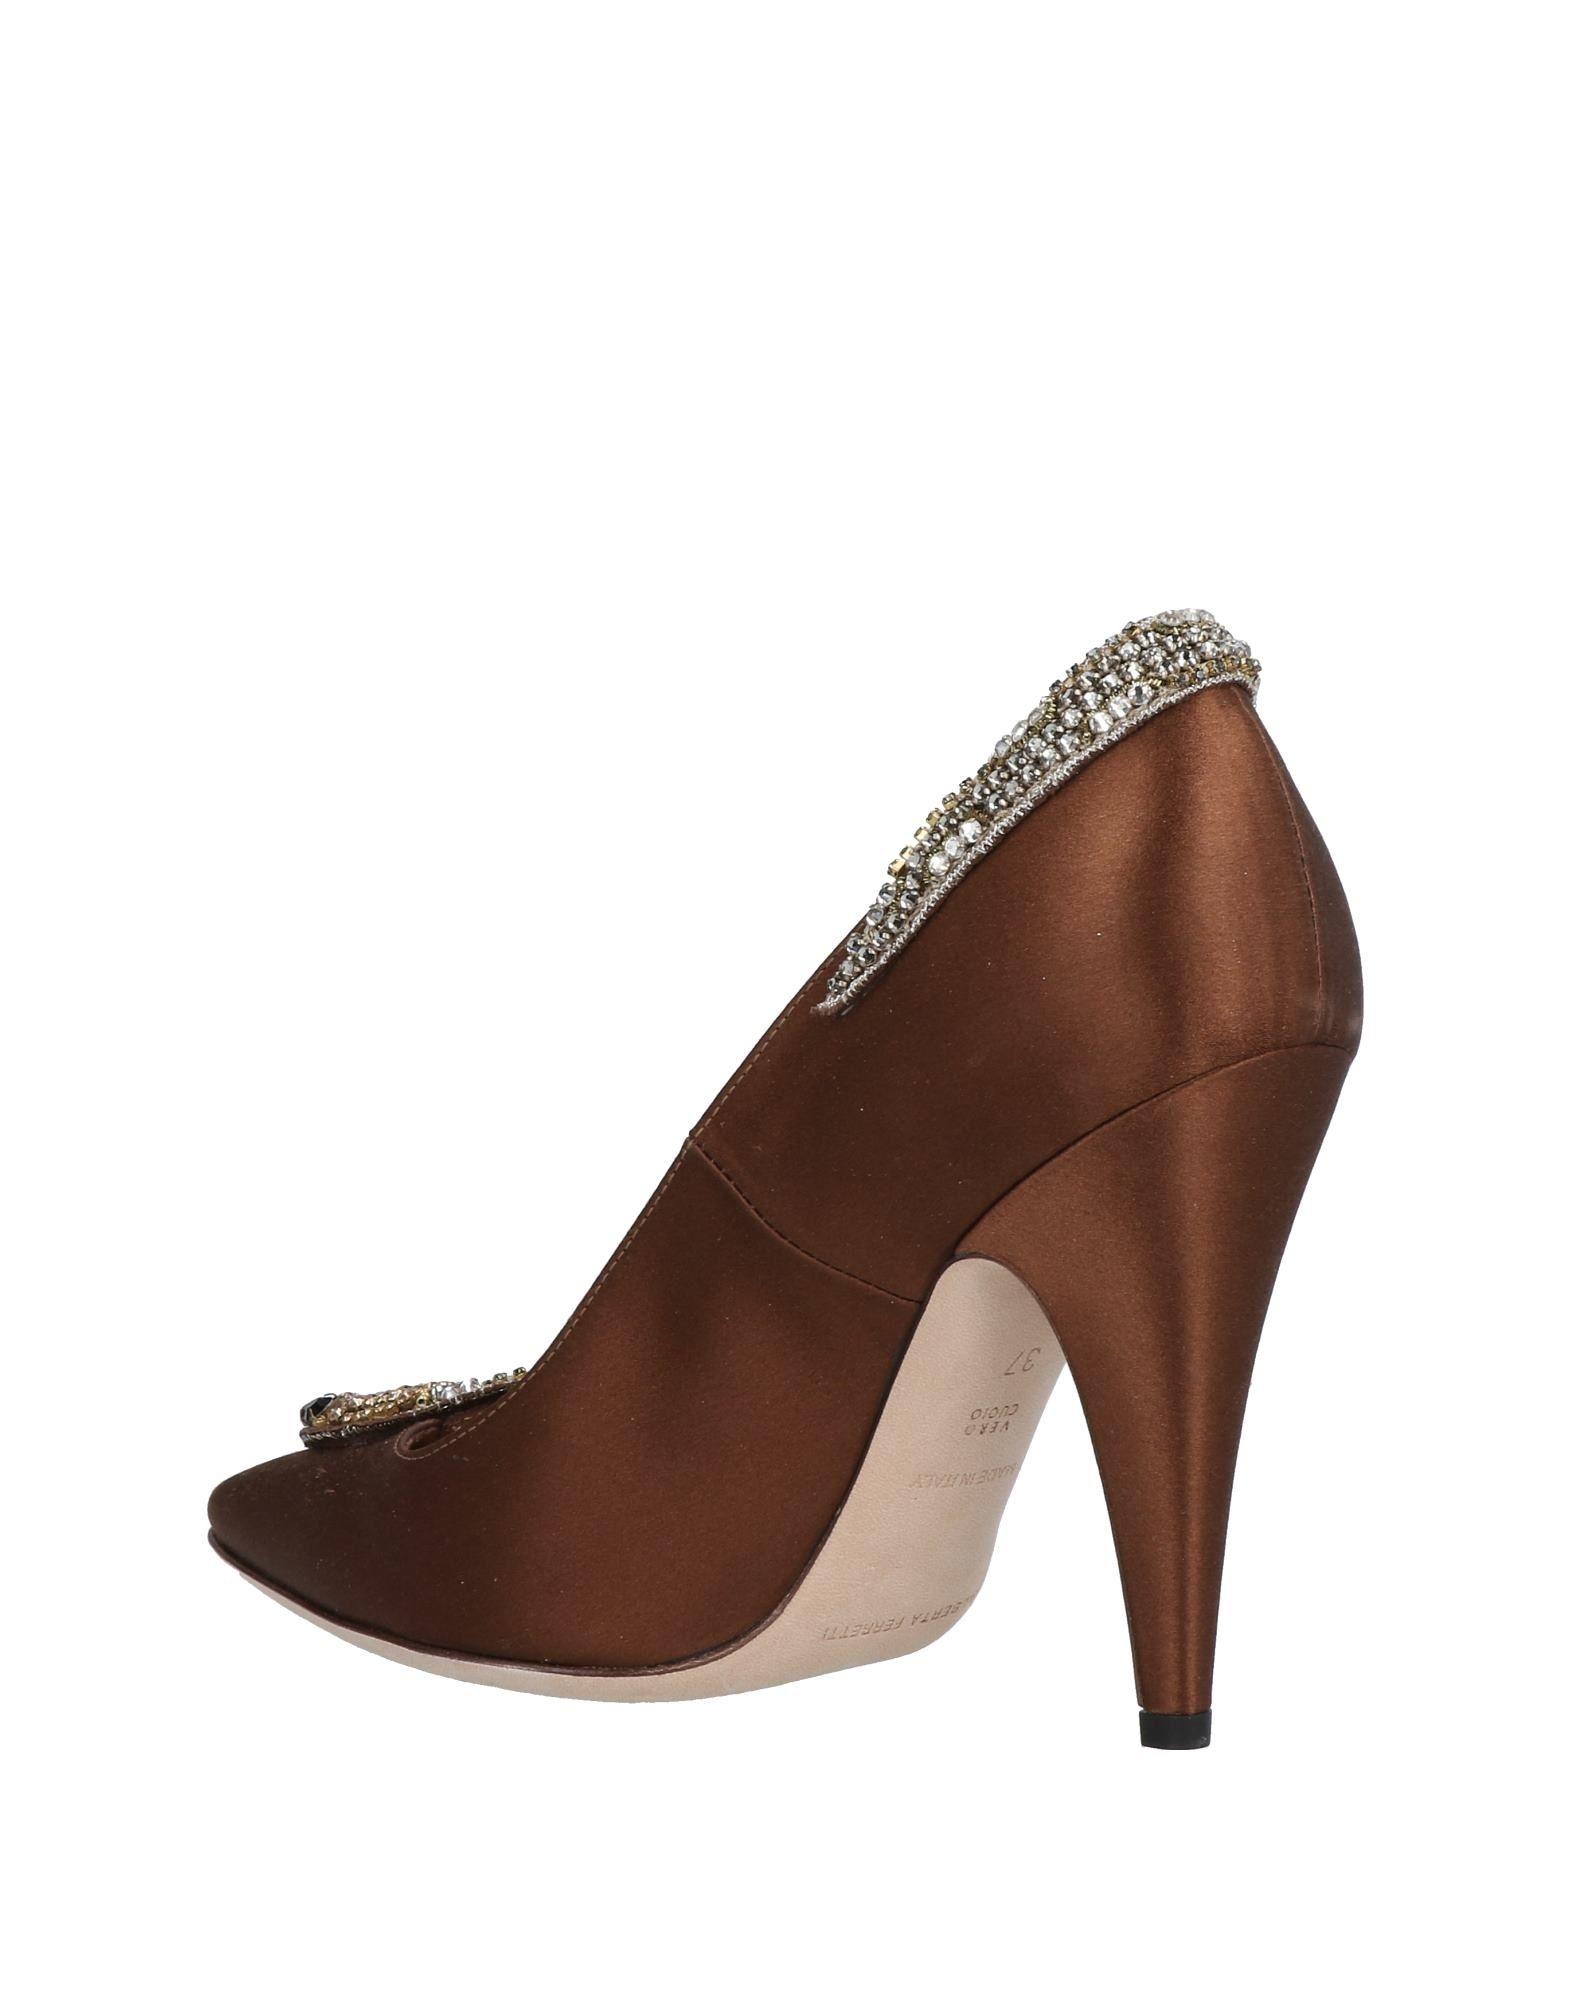 Alberta Ferretti Pumps Schuhe Damen  11484412VD Beliebte Schuhe Pumps 136d20